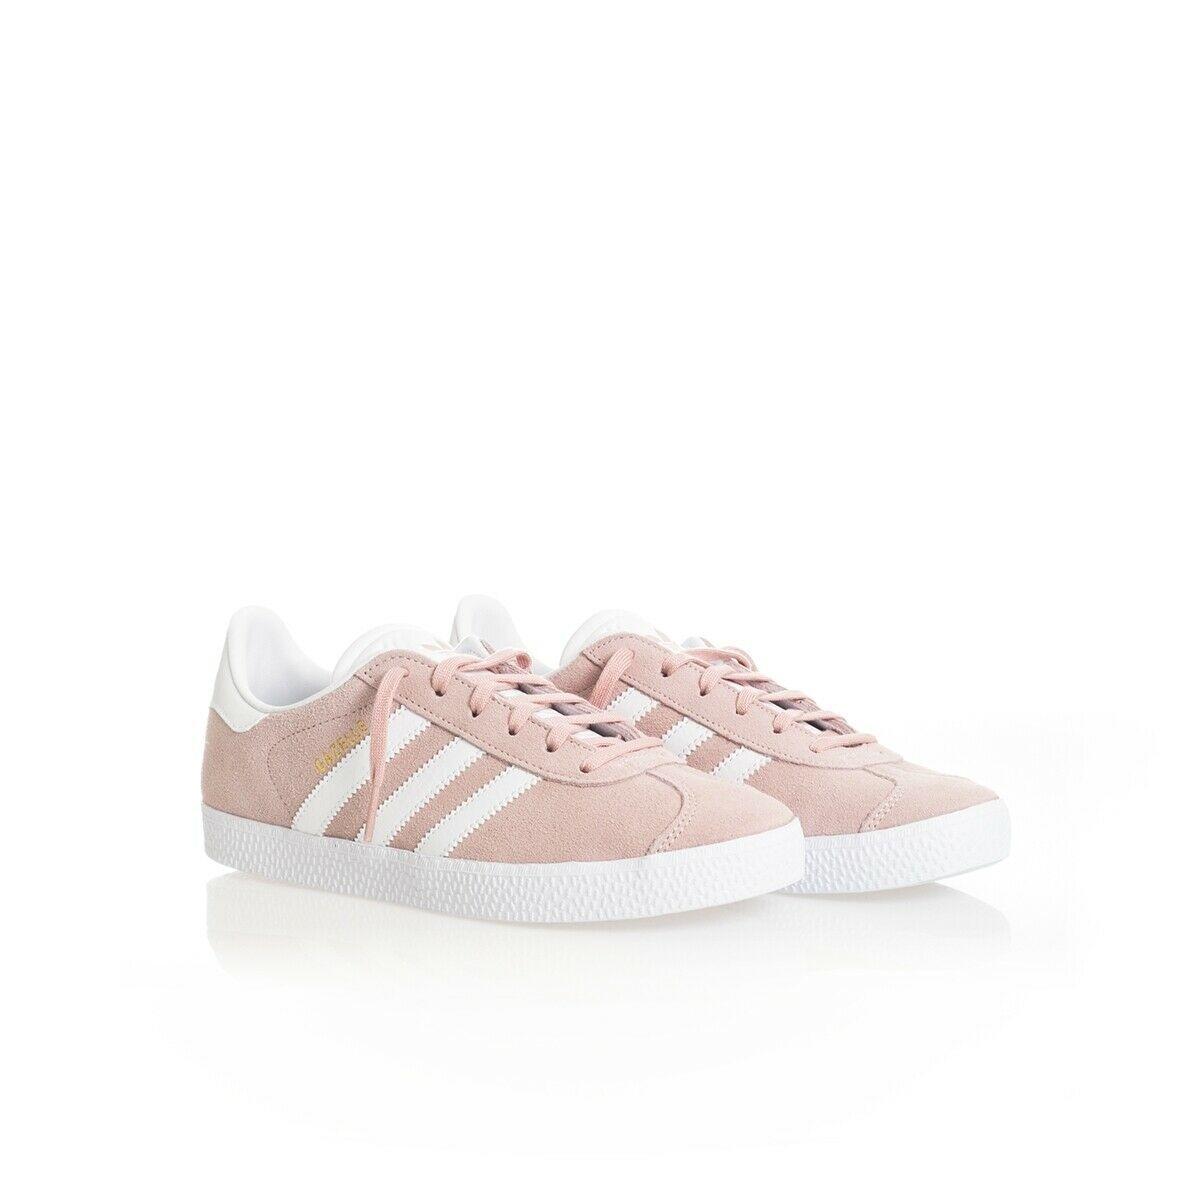 adidas gazelle bambino rosa